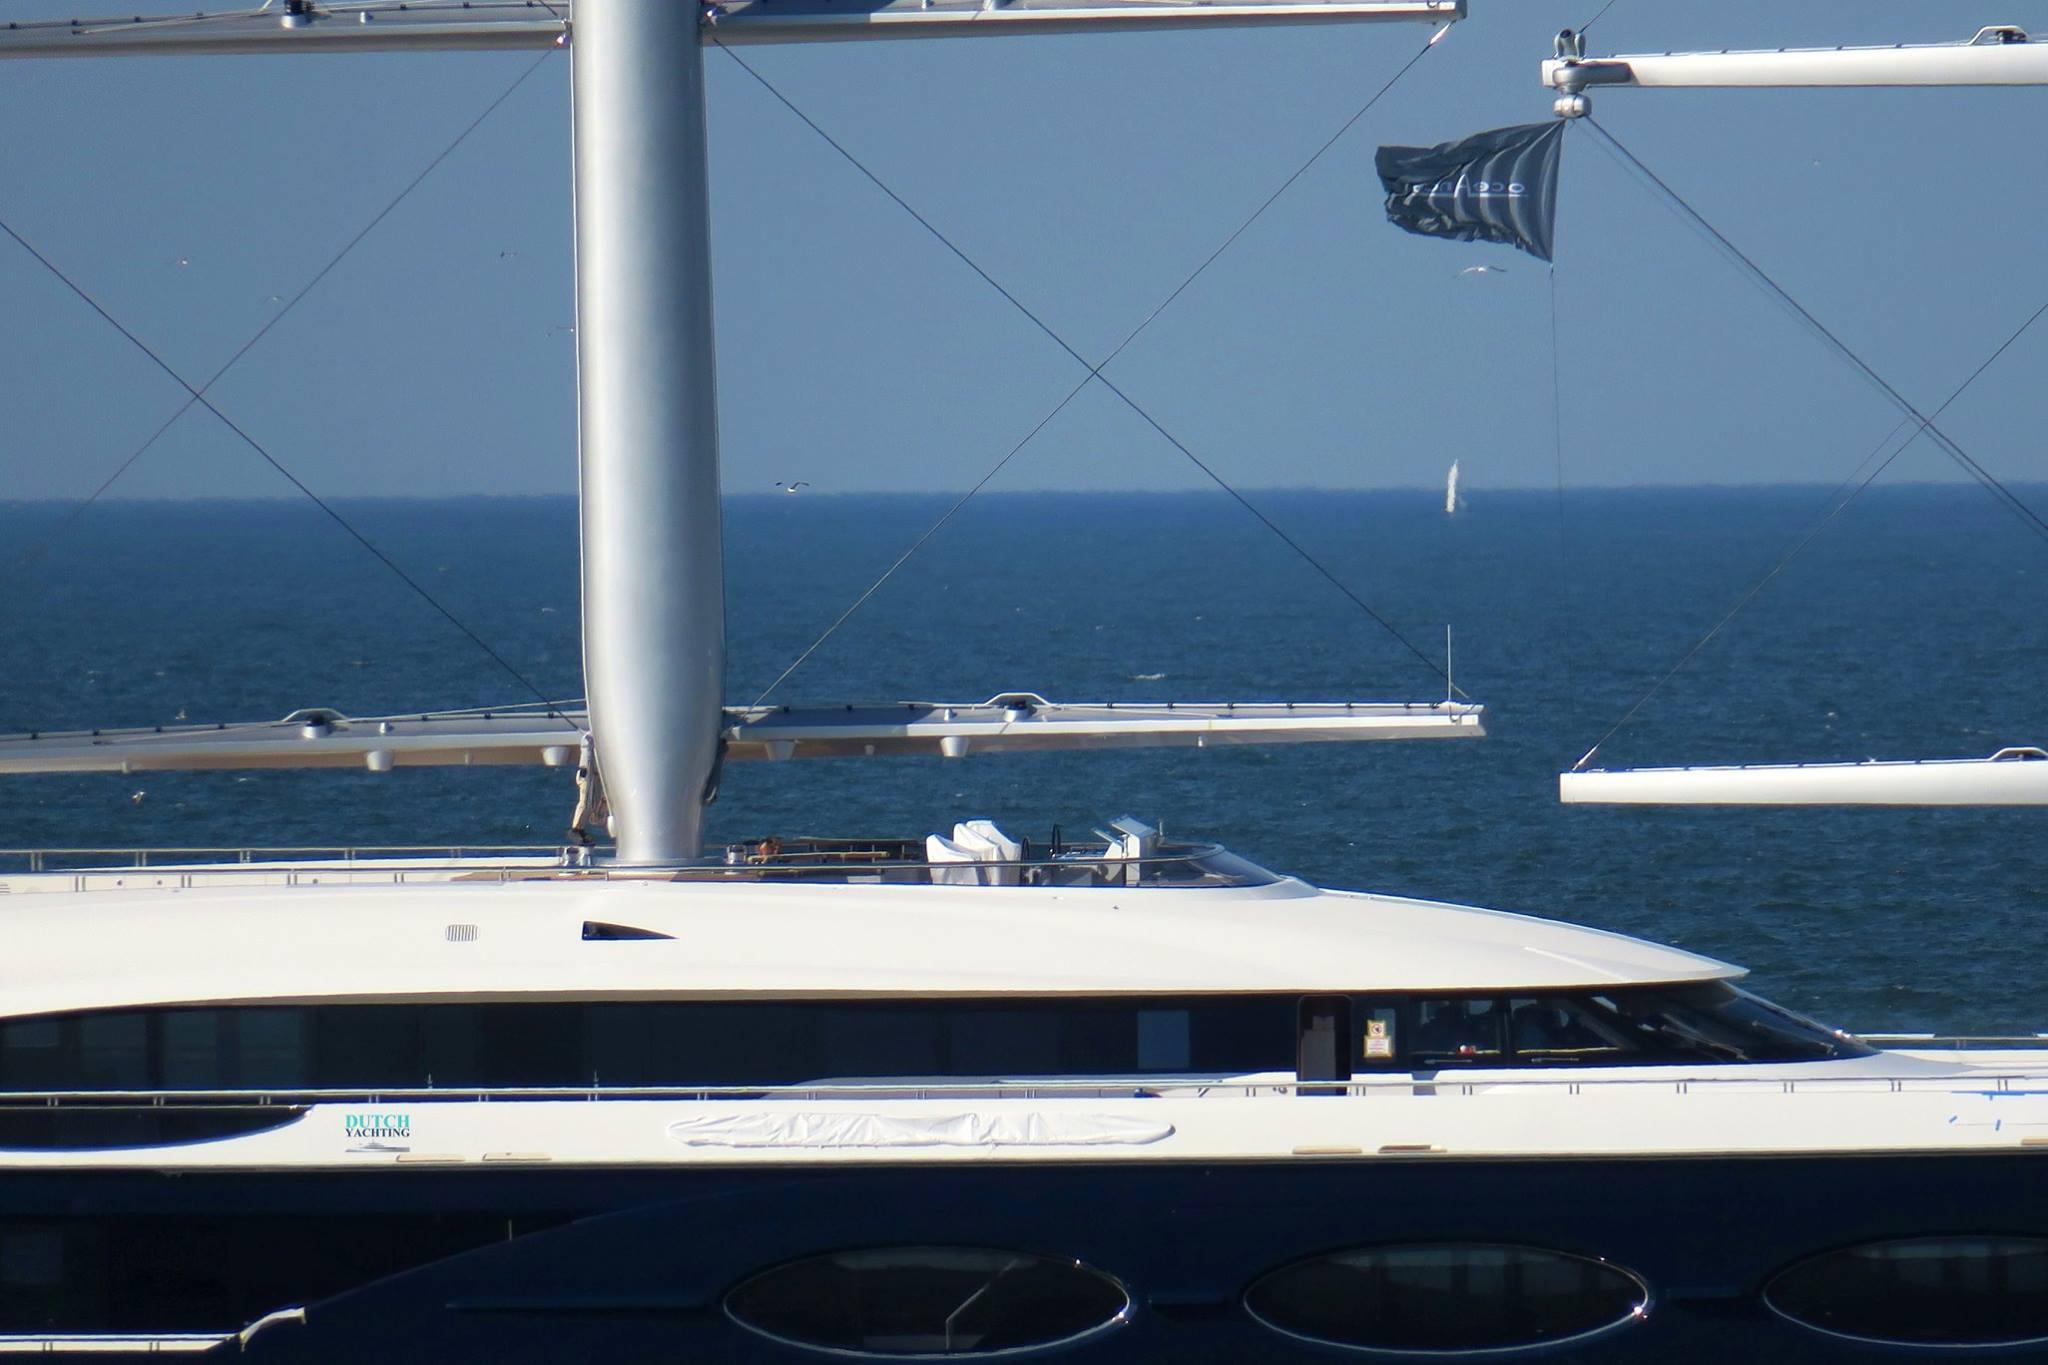 dutch coast yacht aragorn - HD2048×1365